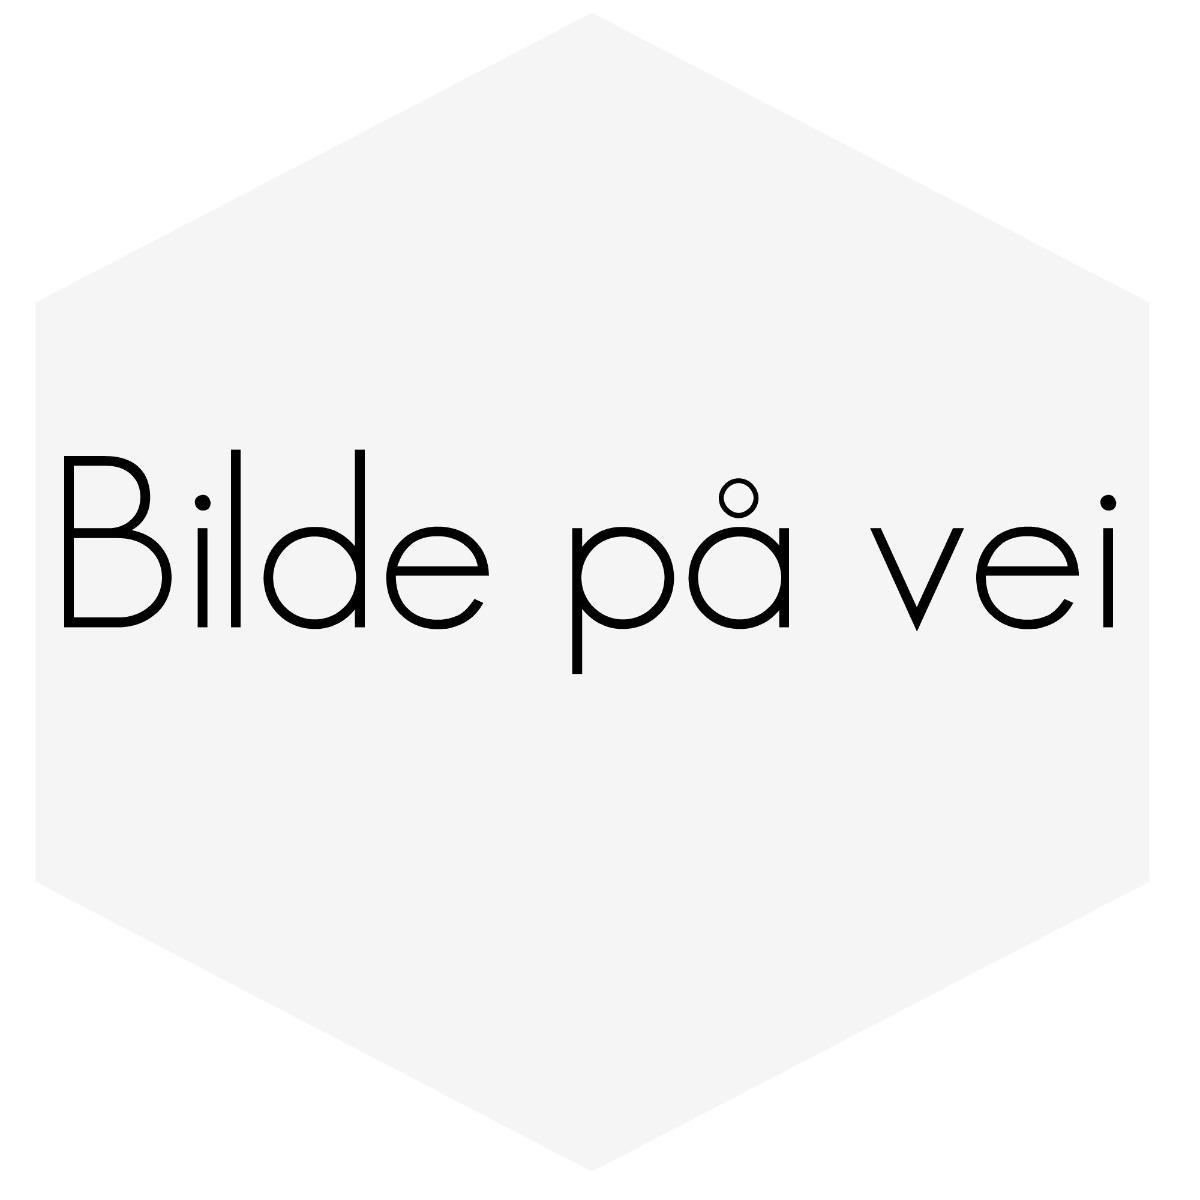 STØTFANGER SKINNE 940-91-  TYPEN BRUKES SAMMEN MED LØS LIST